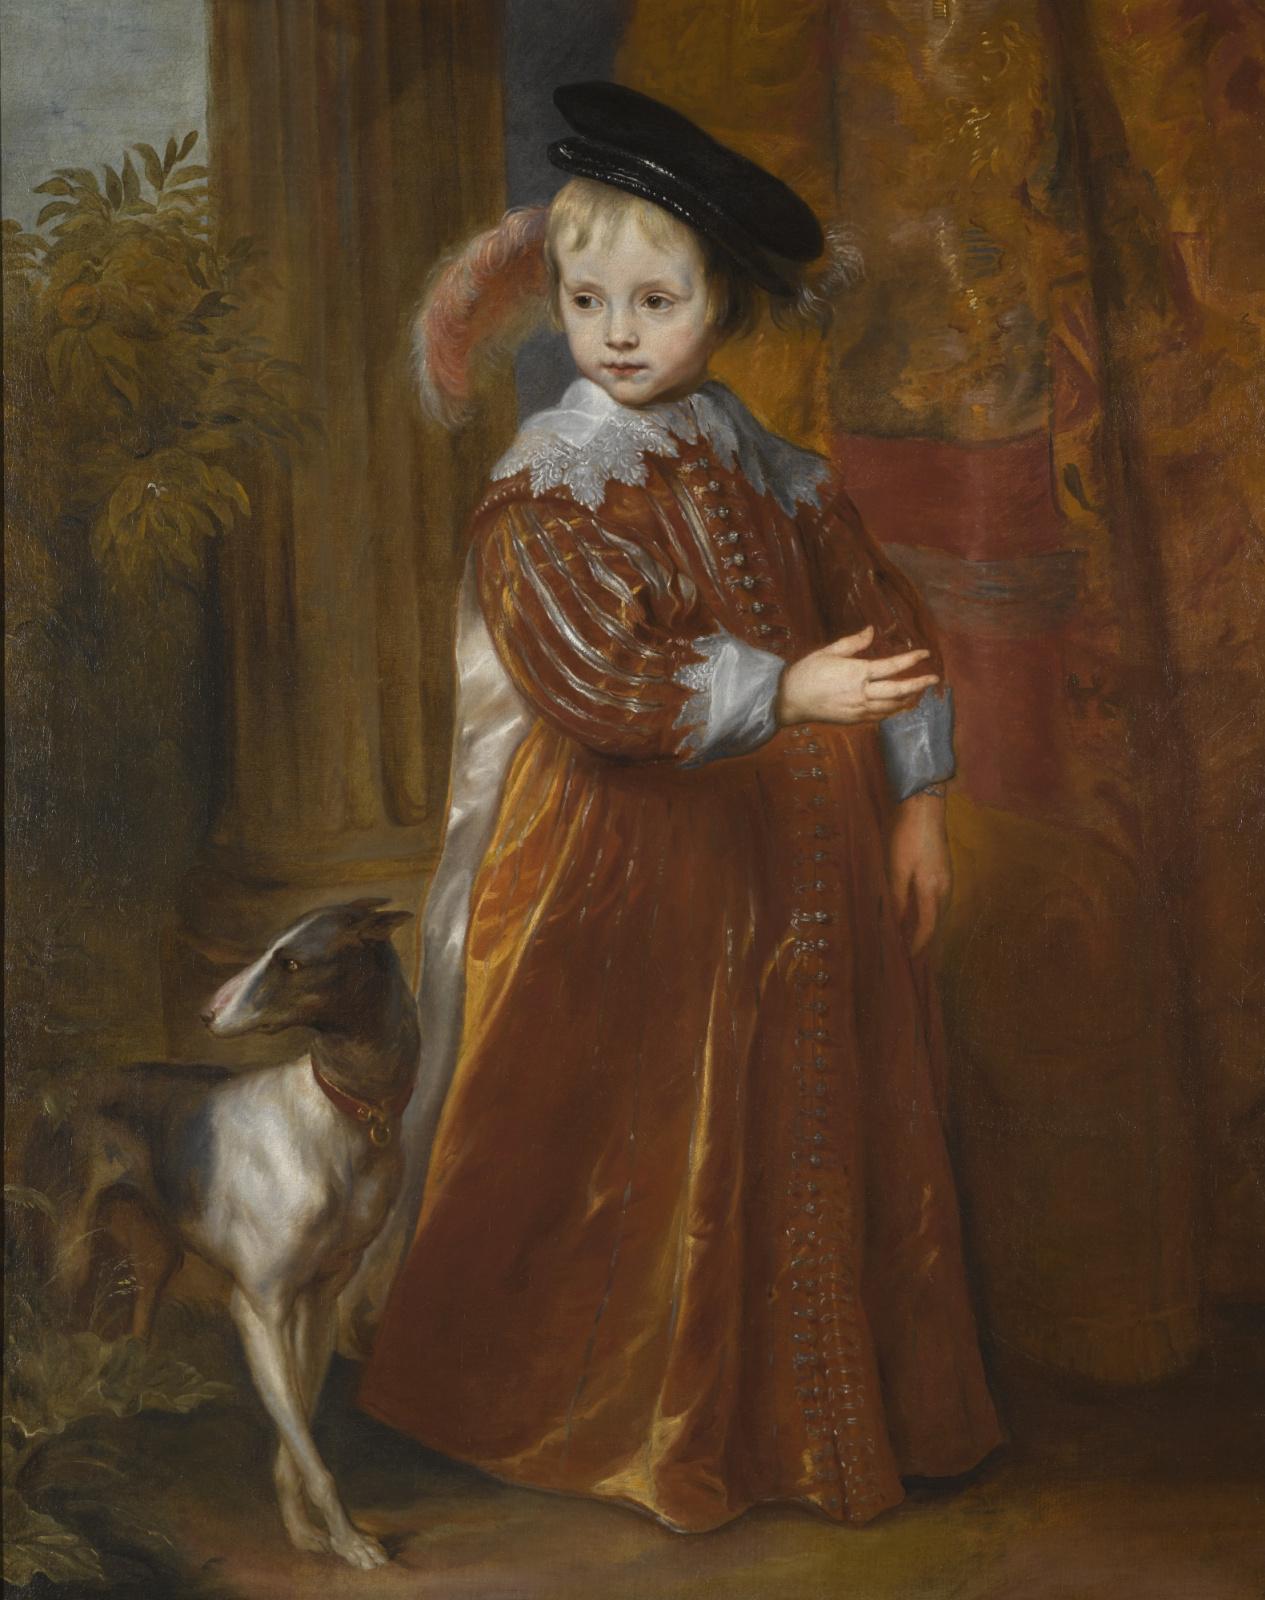 Антонис ван Дейк. Портрет принца Вильгельма II Оранского с гончей